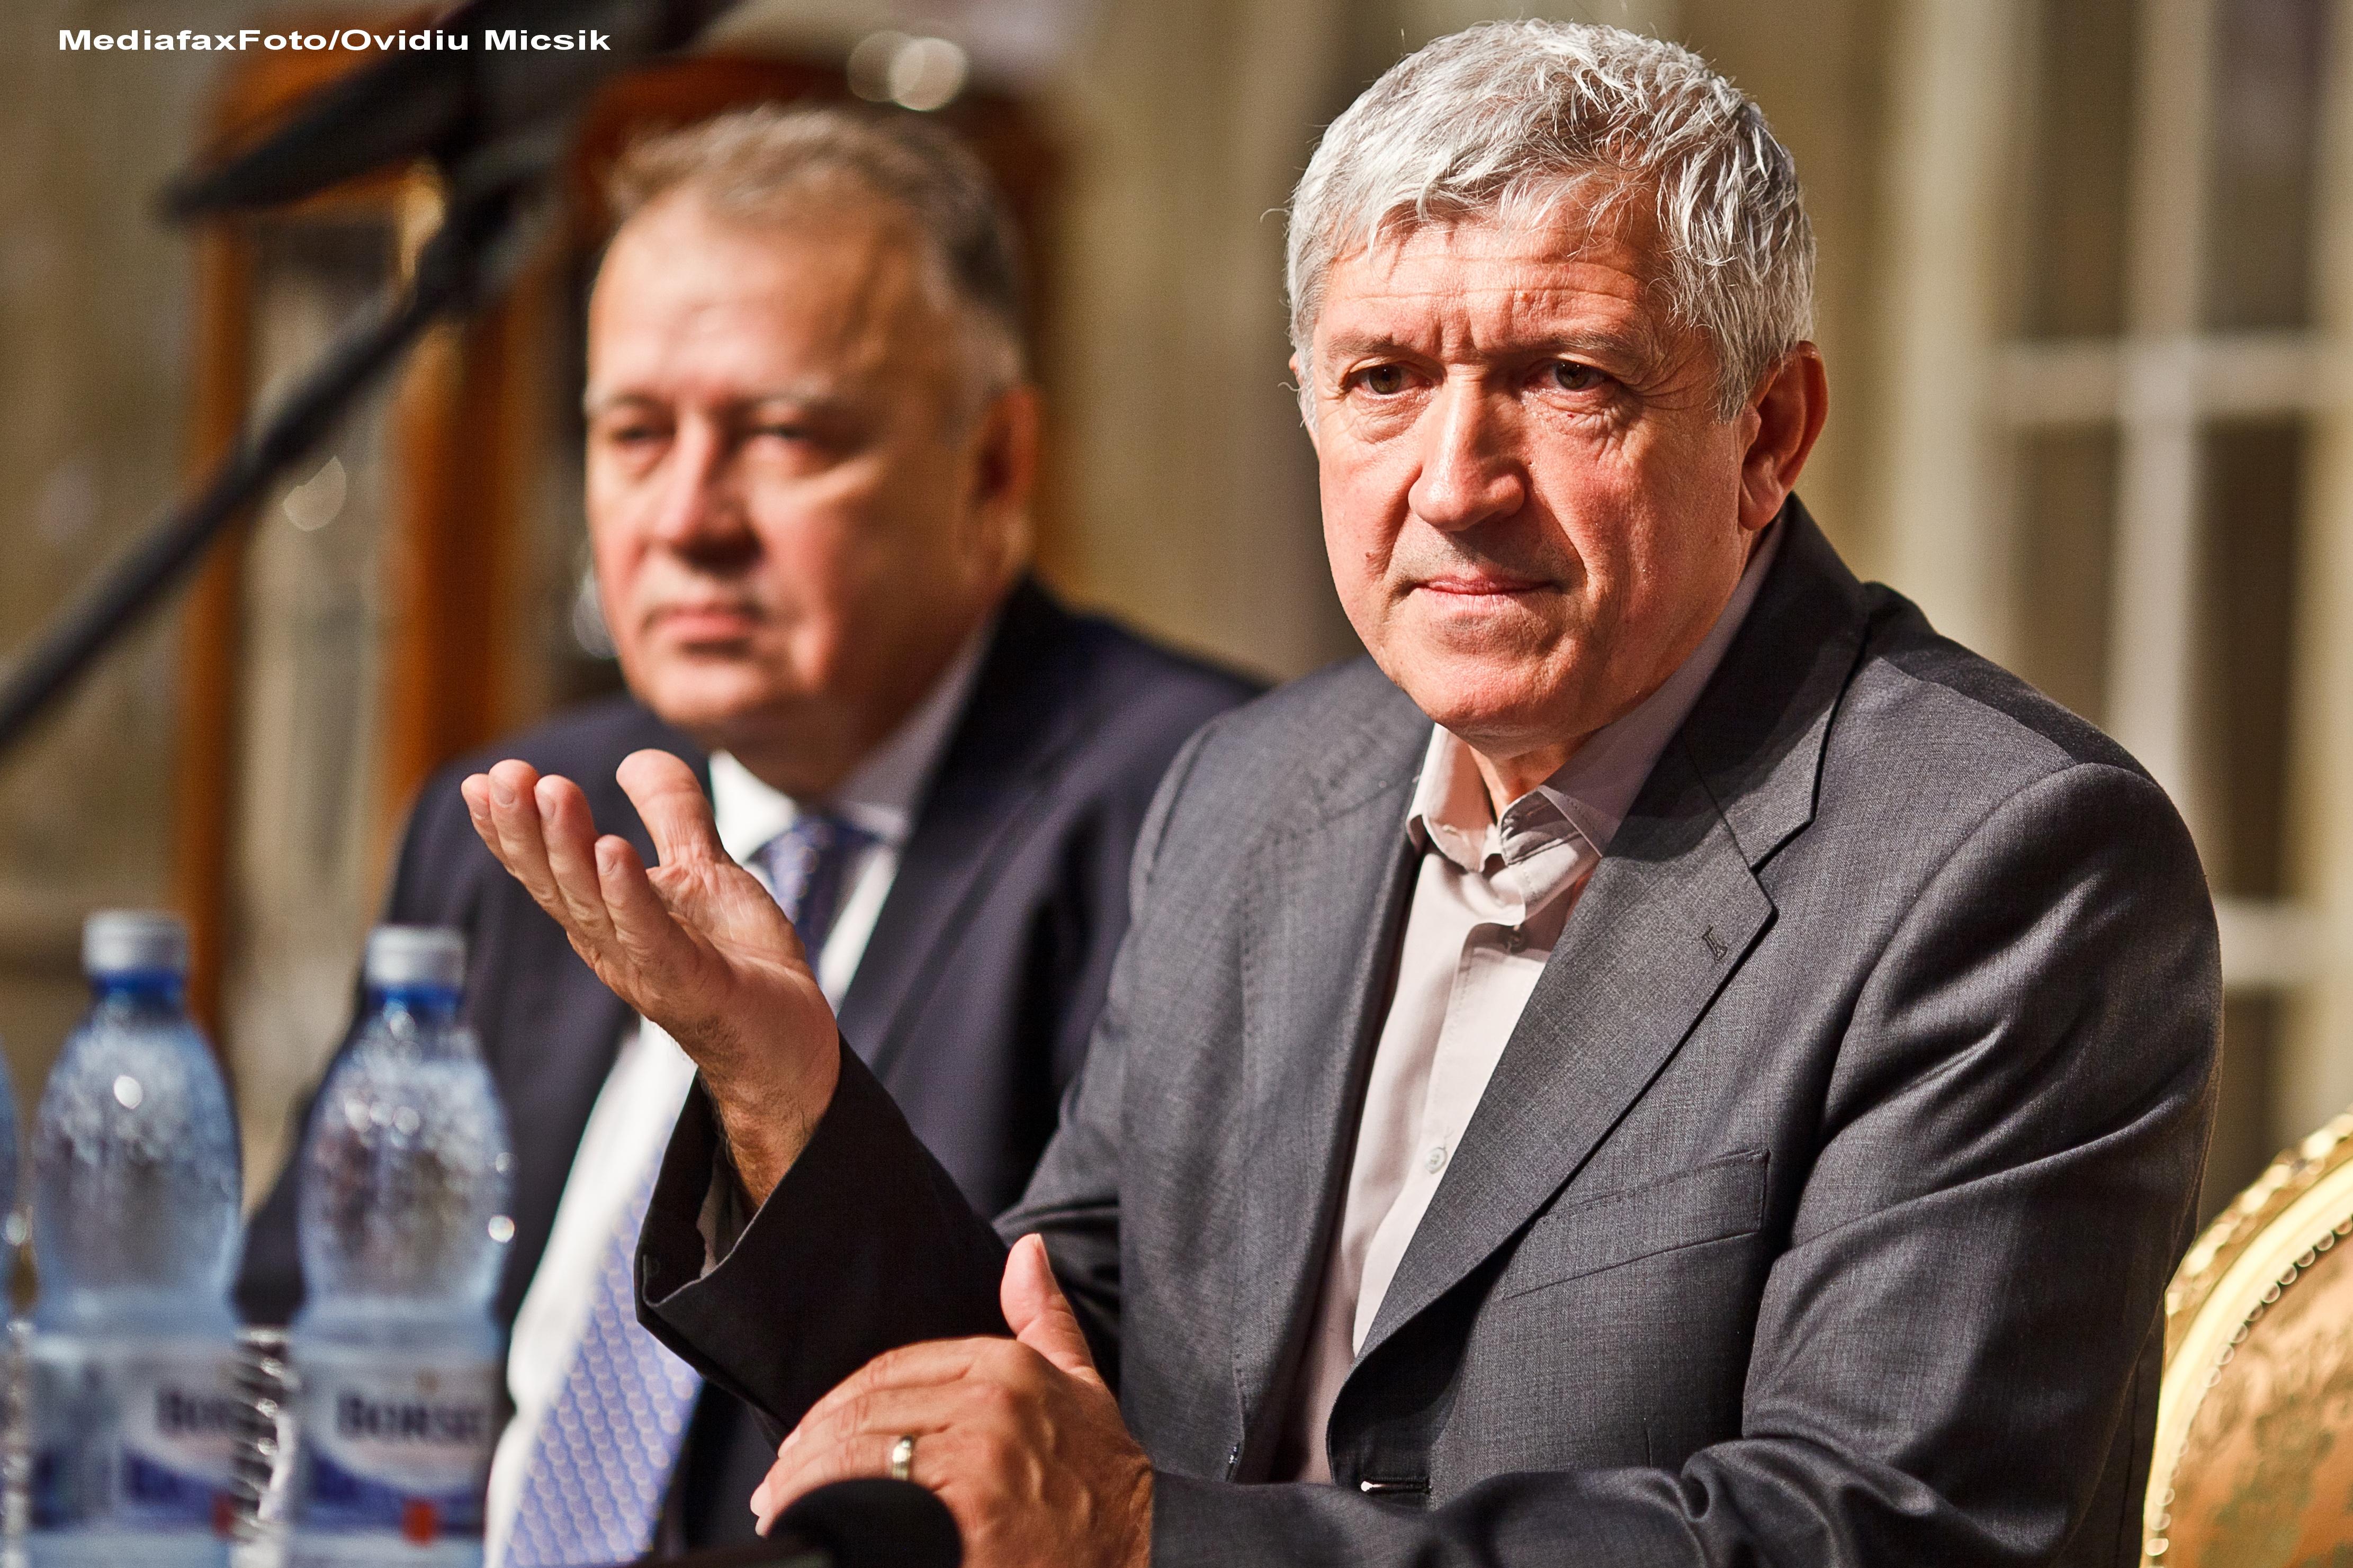 Tribunalul Bucuresti i-a admis contestatia lui Mircea Diaconu. Soarta candidaturii sale la europarlamentare